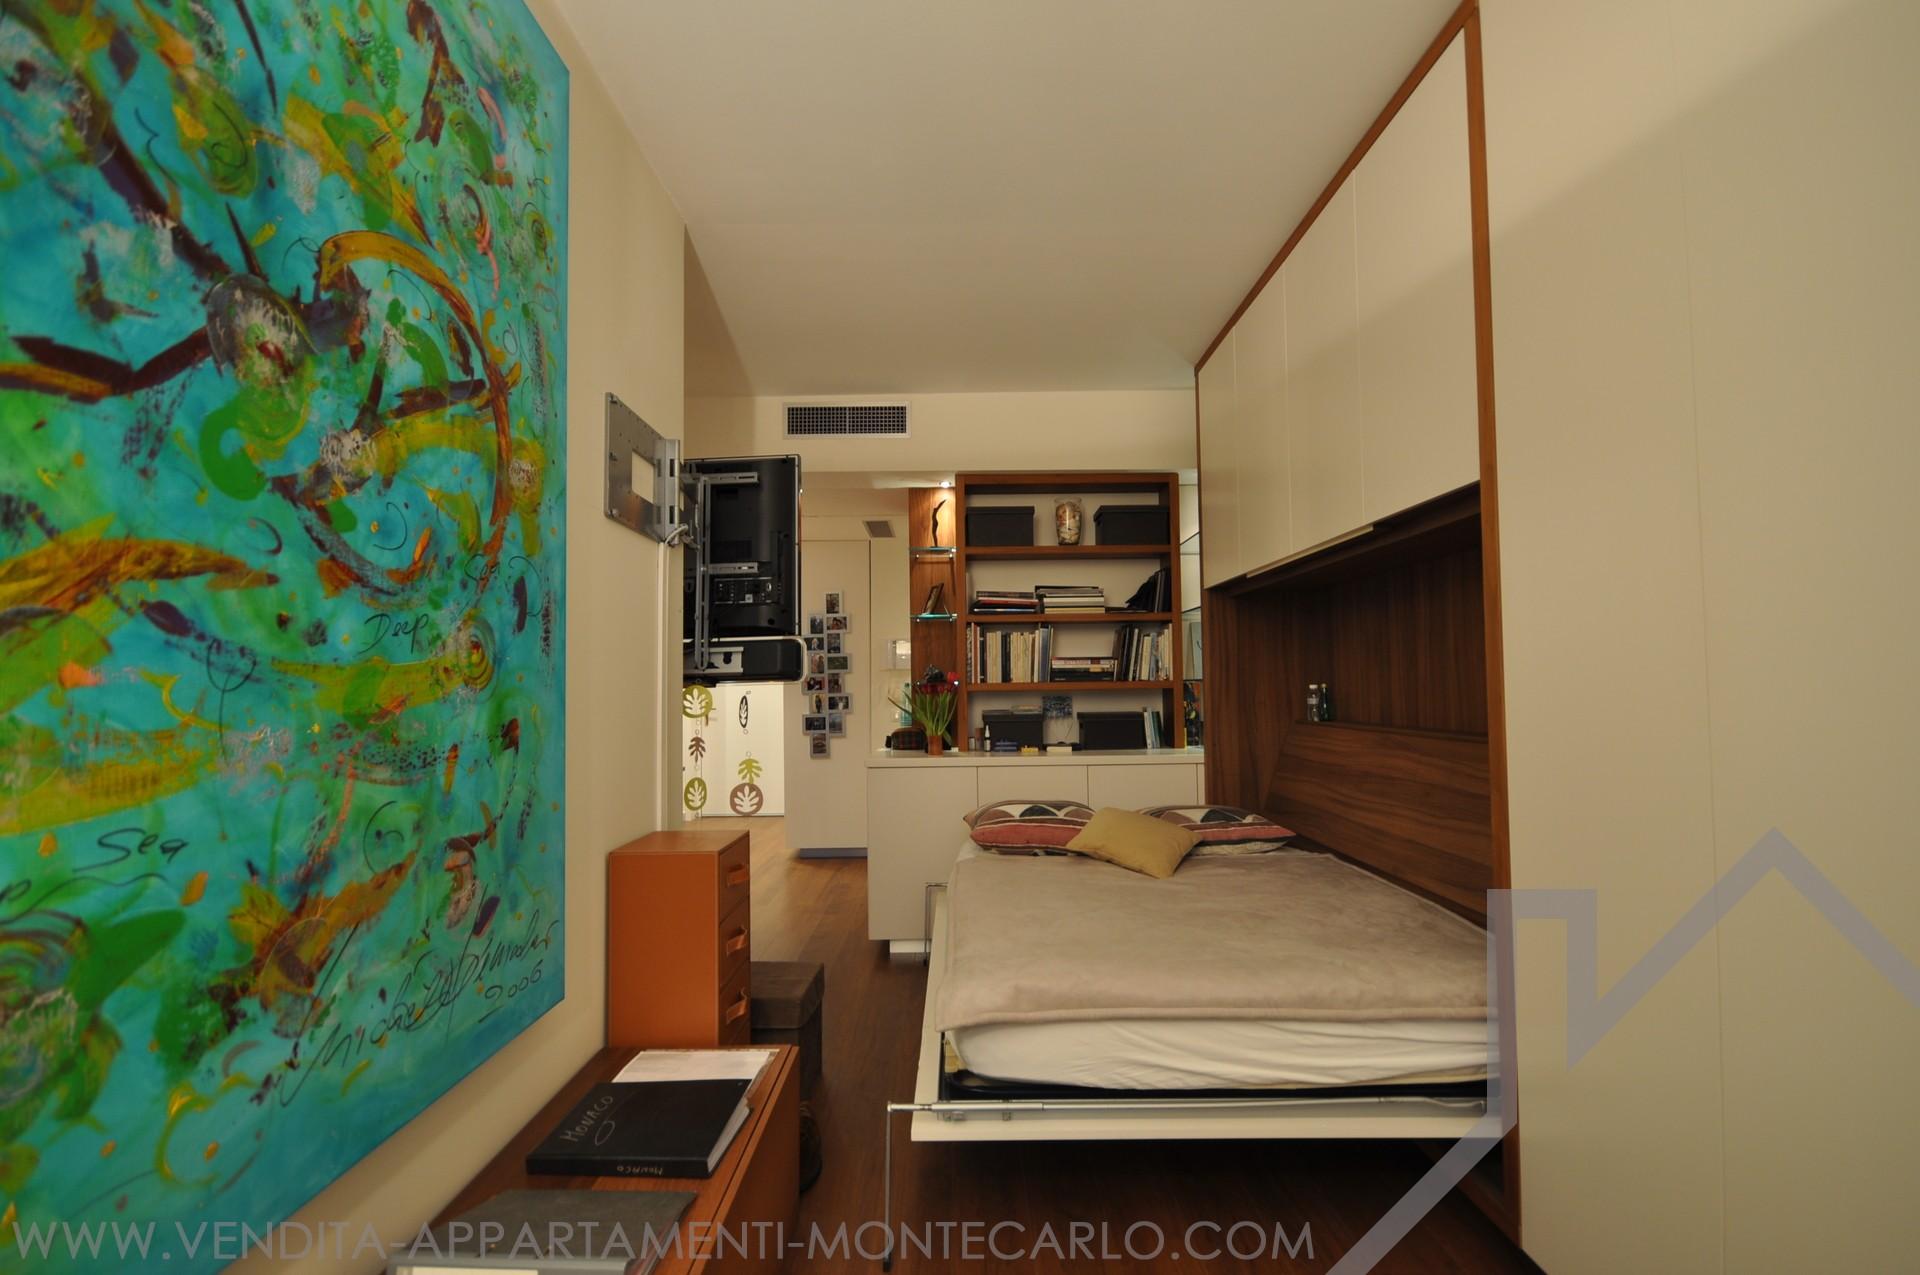 Appartamenti In Vendita Montecarlo